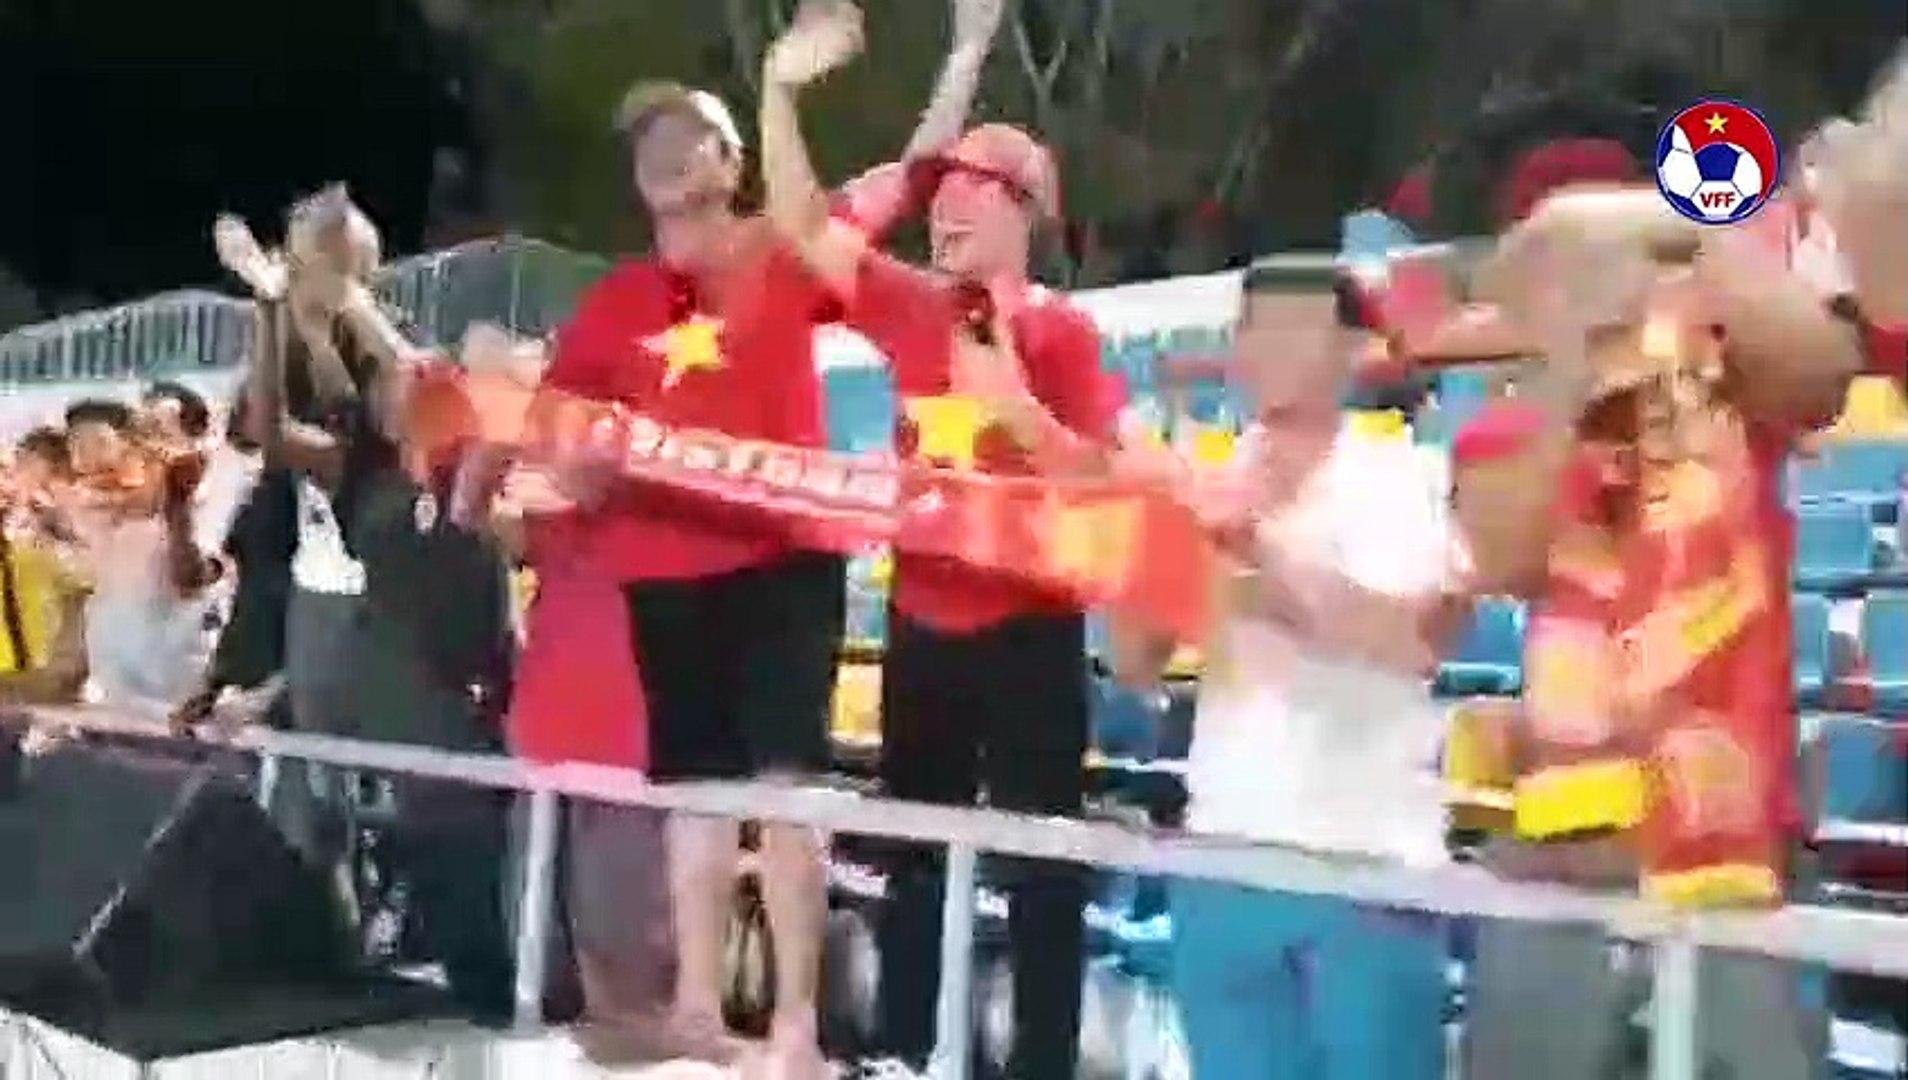 ĐT nữ Việt Nam vô địch AFF Cup 2019 sau chiến thắng trước ĐT Thái Lan | VFF Channel